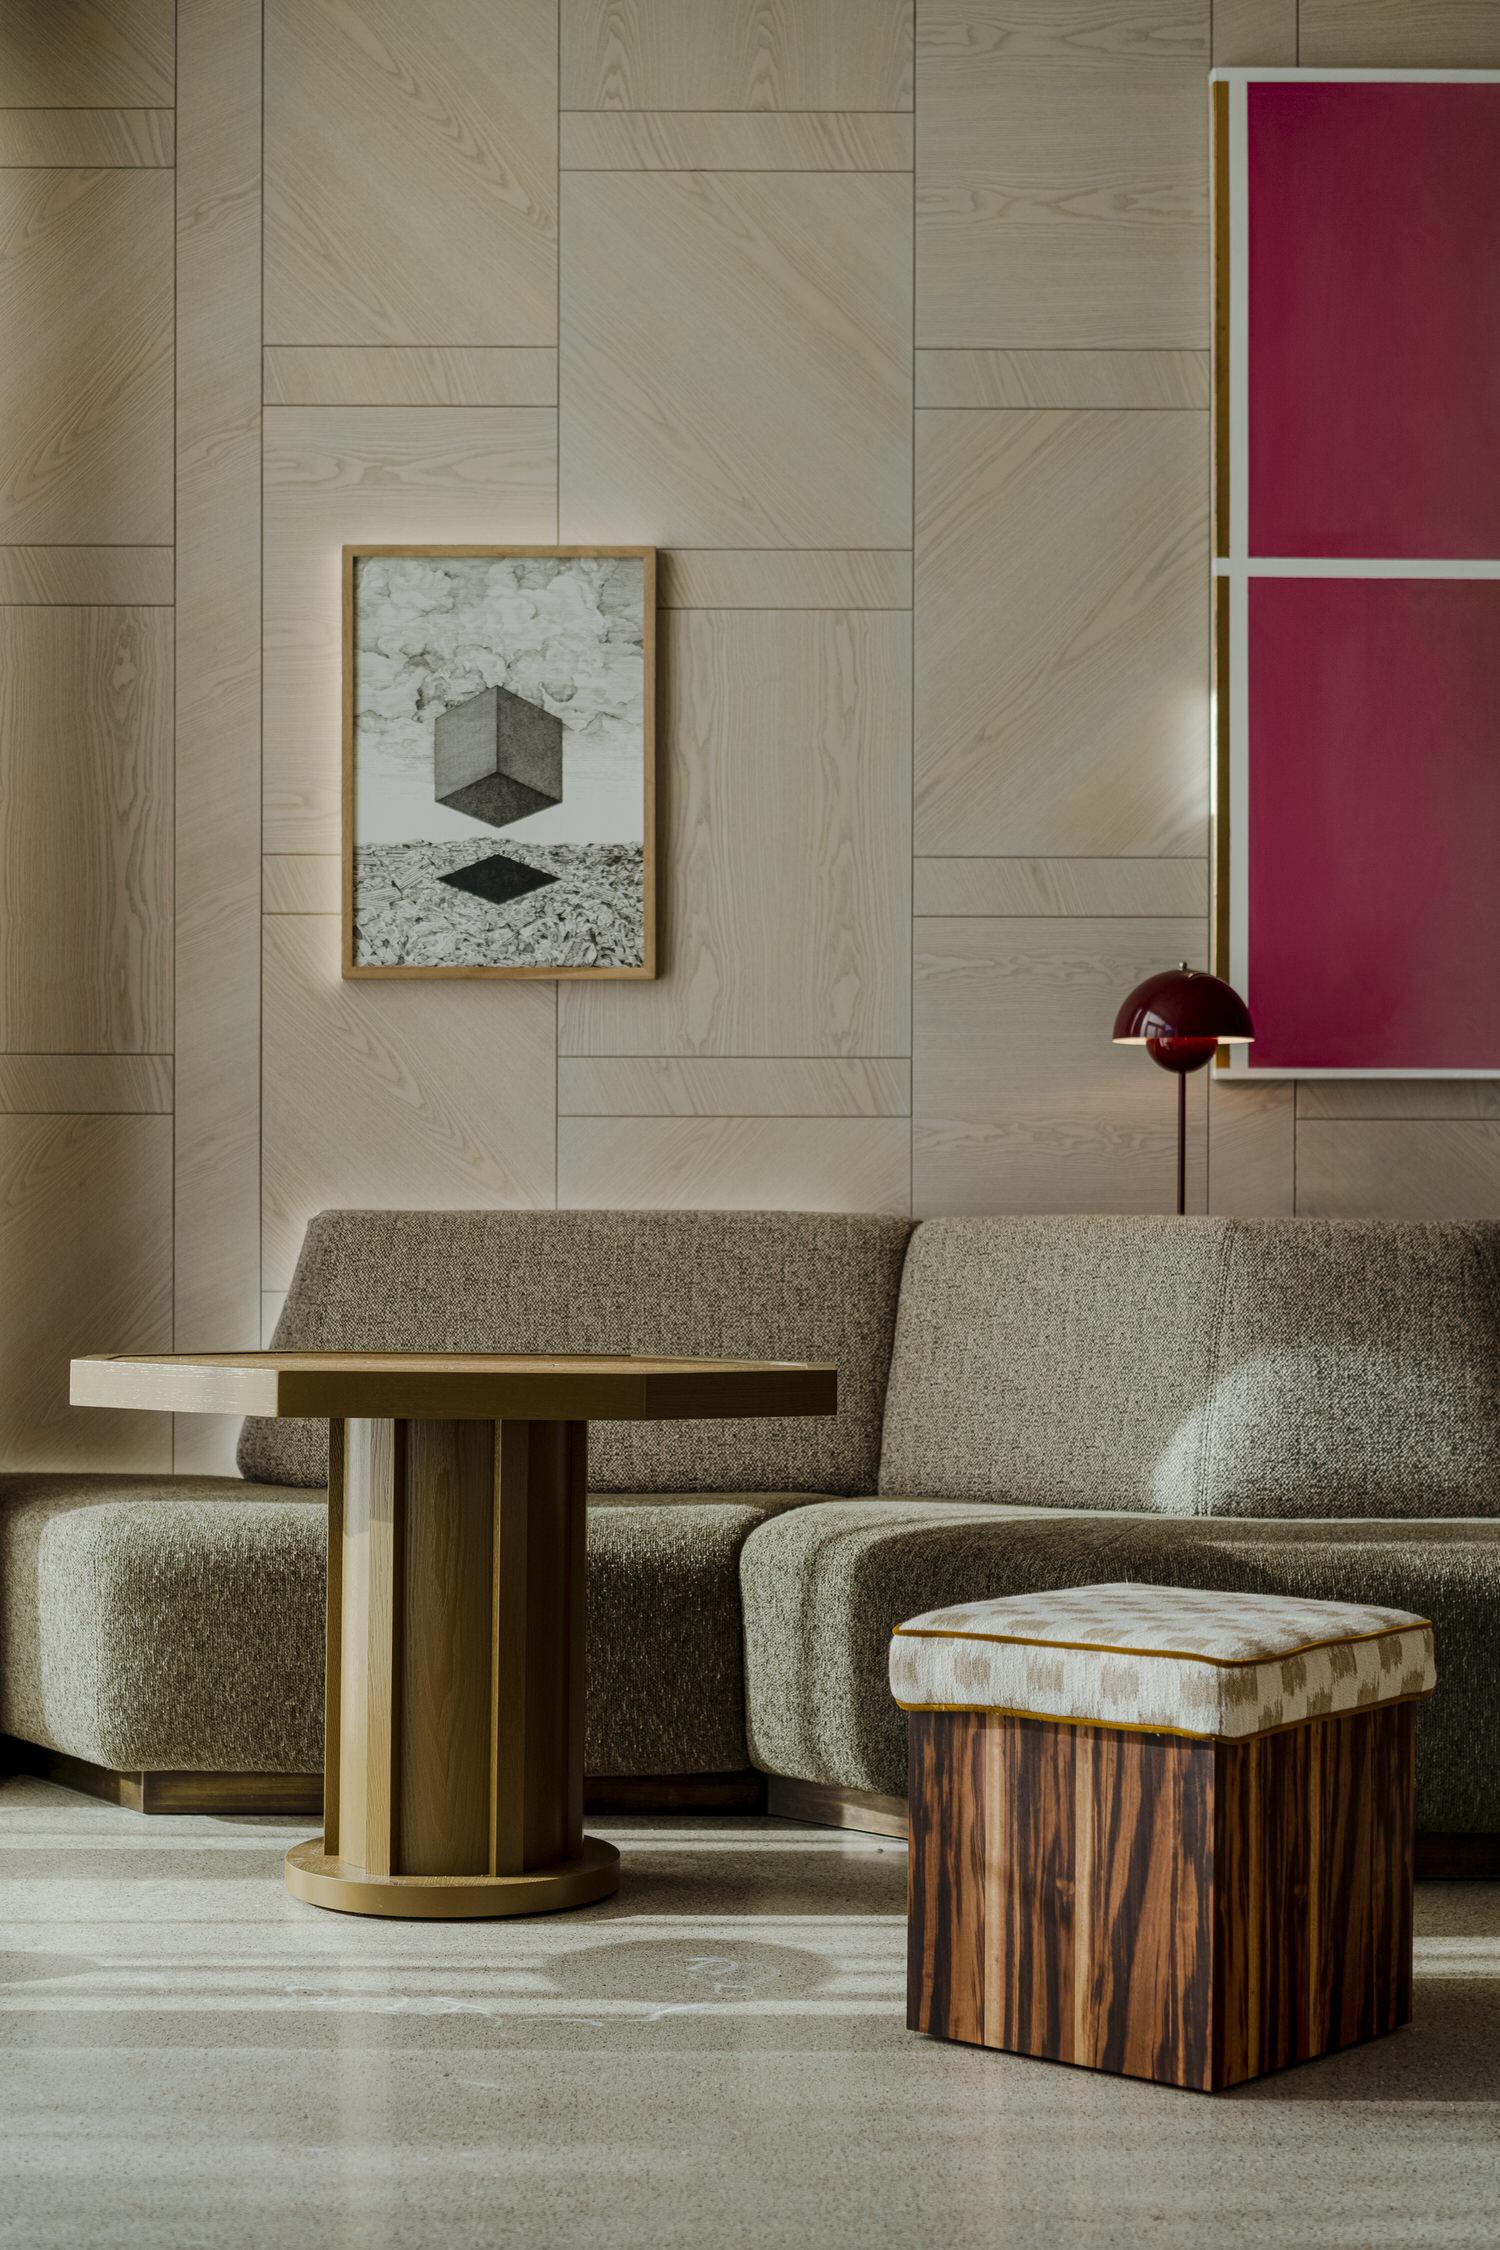 Paradowski Studio Puro Hotel Krakow Photo Pion Studio Yellowtrace 12